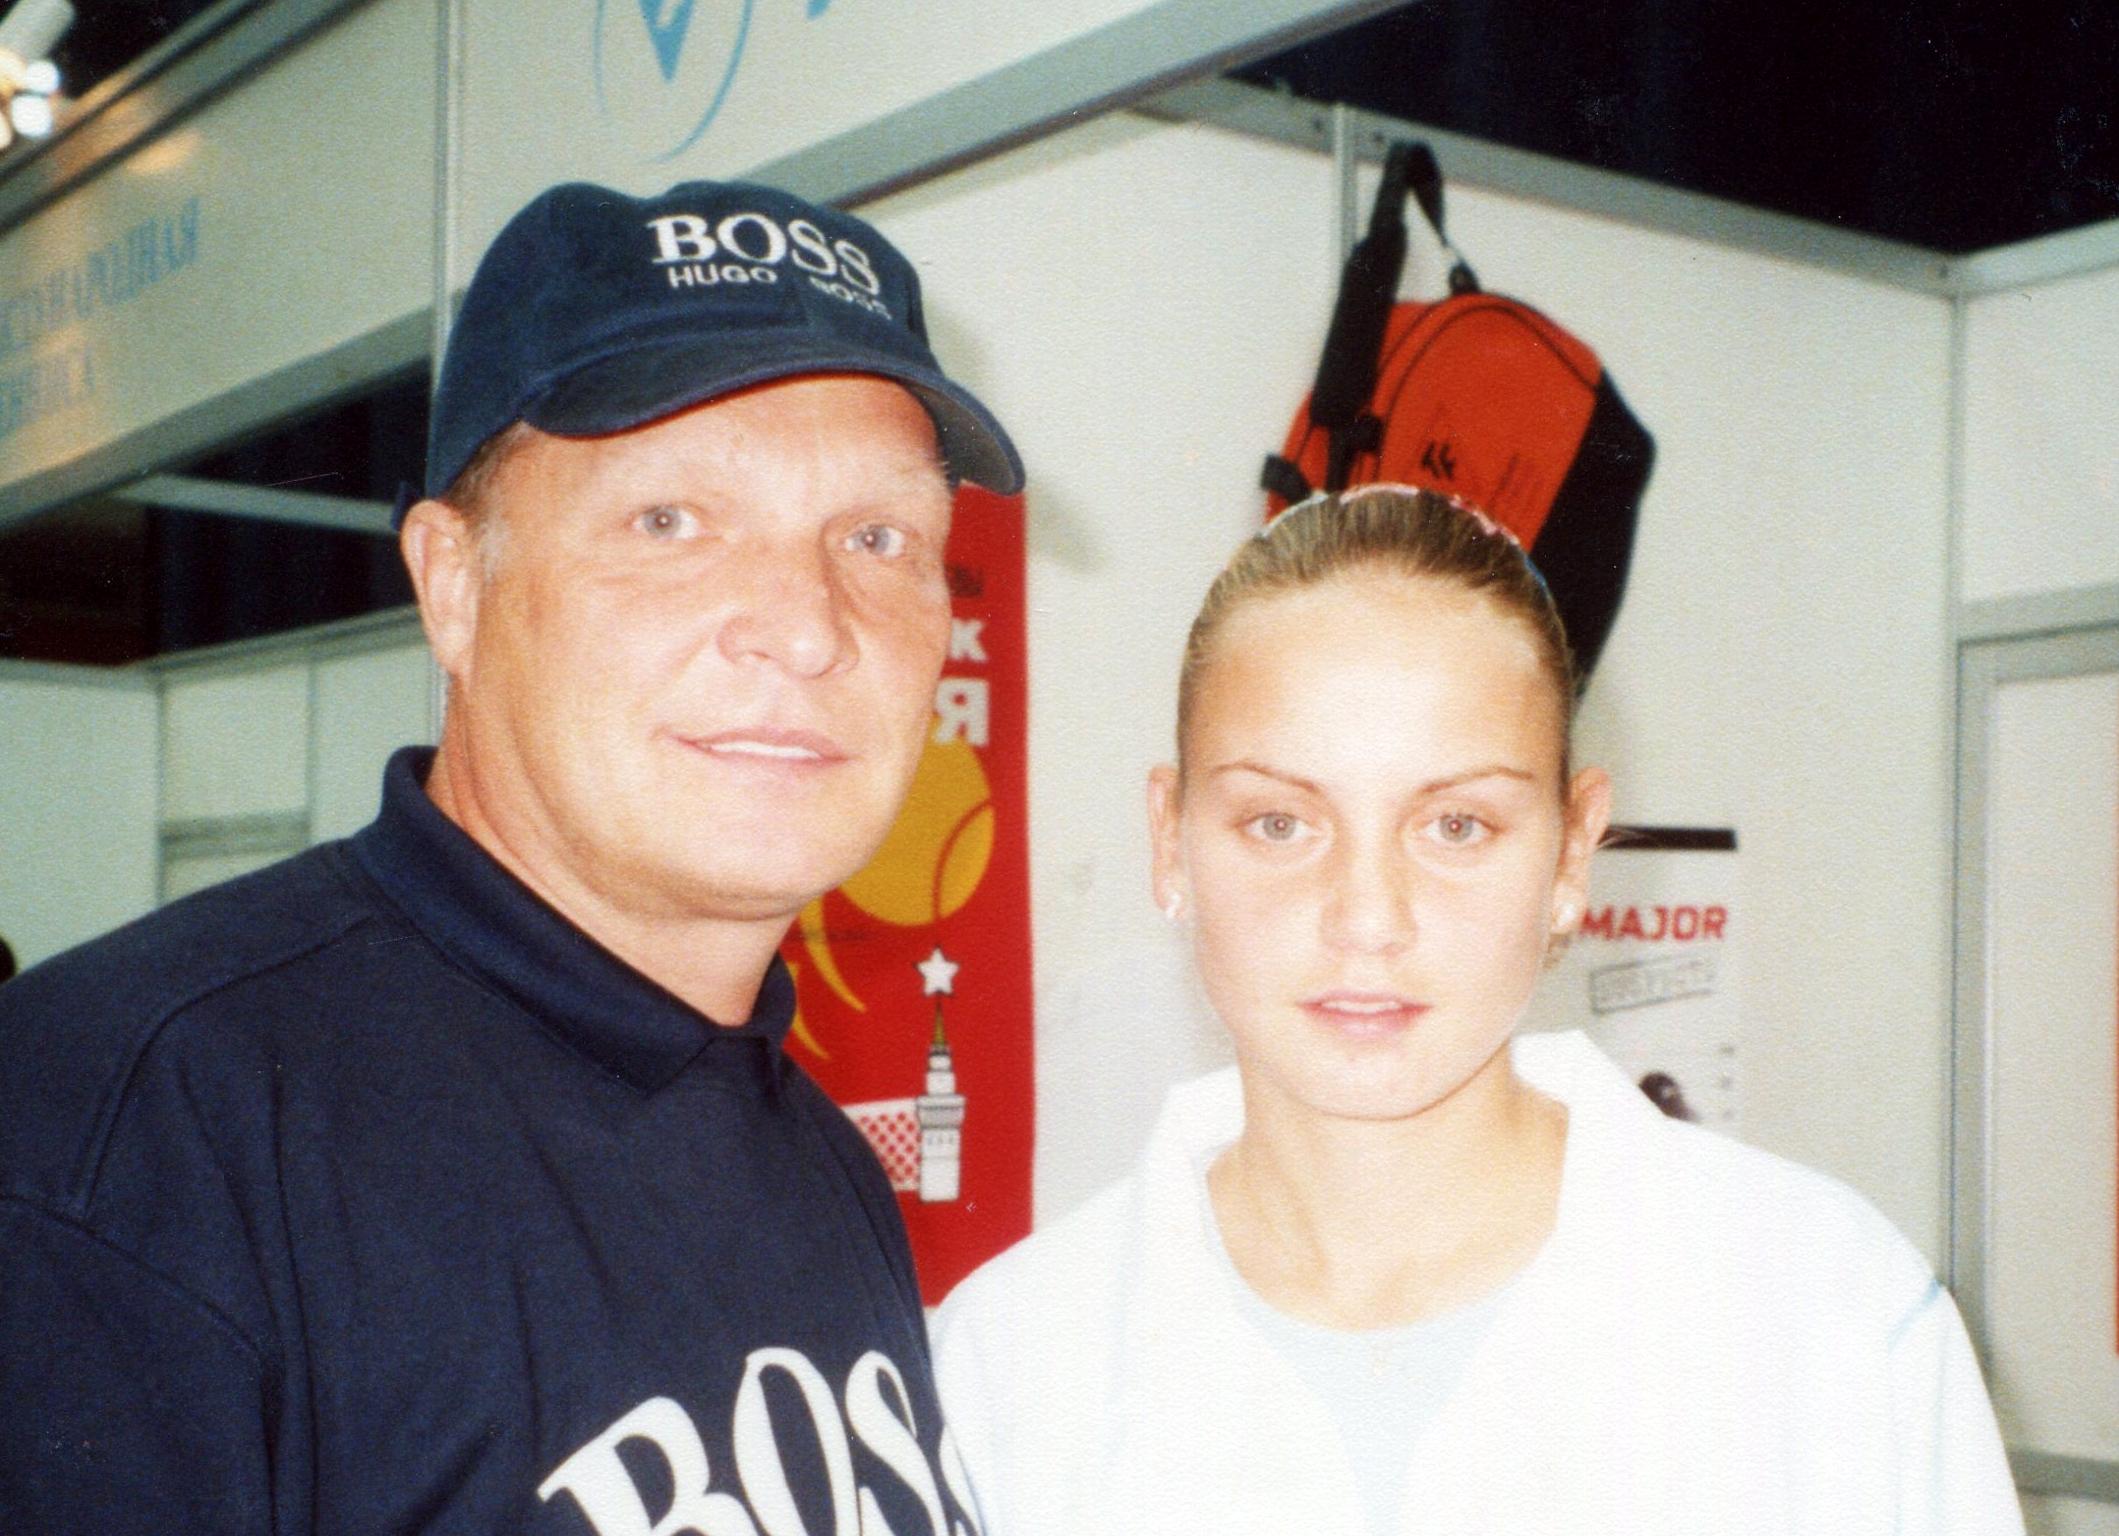 Докич Елена (Австралия) Победительница международного теннисного турнира WTA-Tour Кубок Кремля и Минкевич Анатолий (Россия) 2001